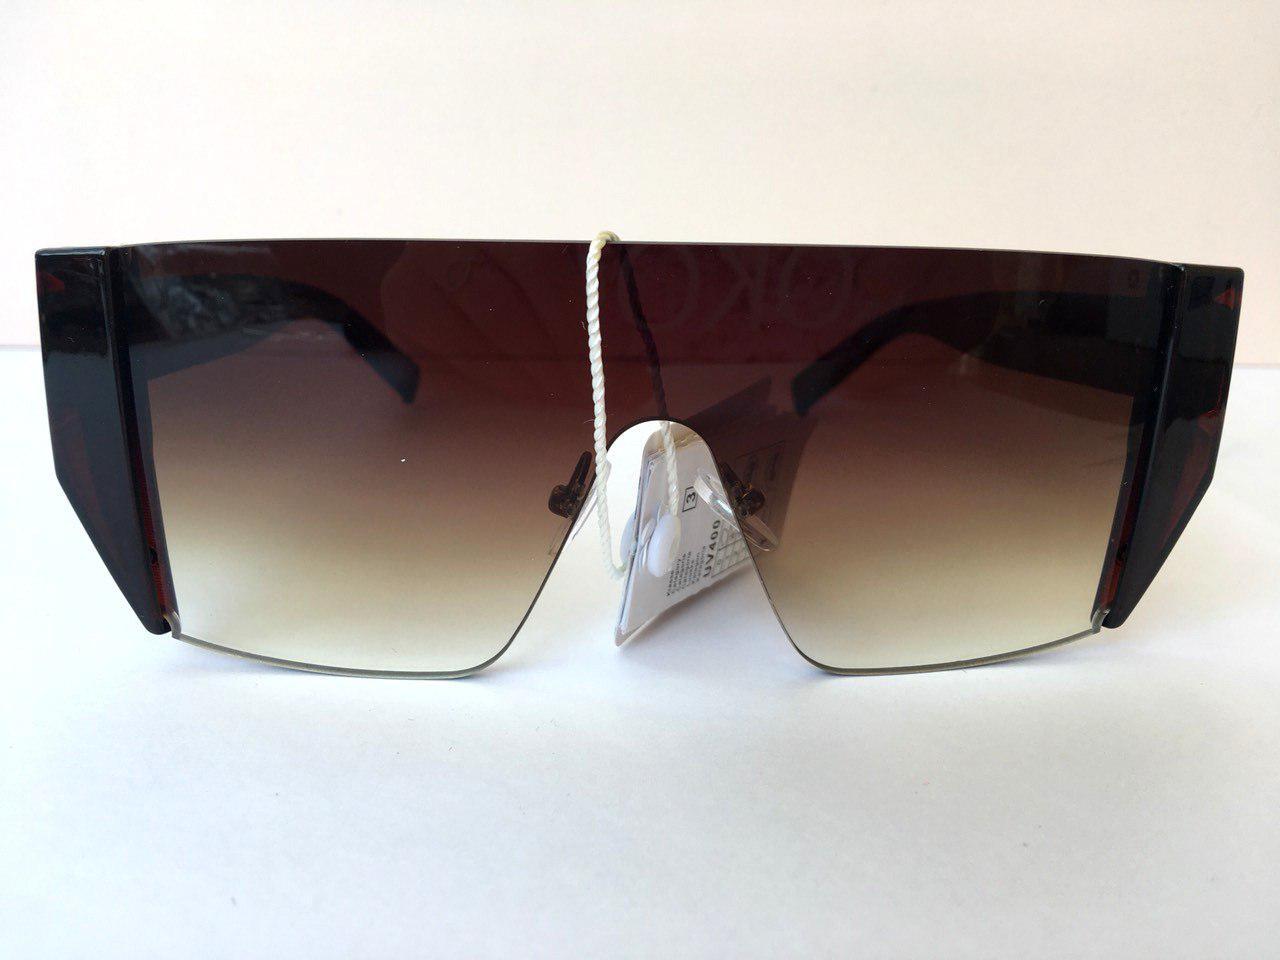 1ff798ee00b4 Стильные солнечные очки квадратные с градиентом, цена 100 грн ...